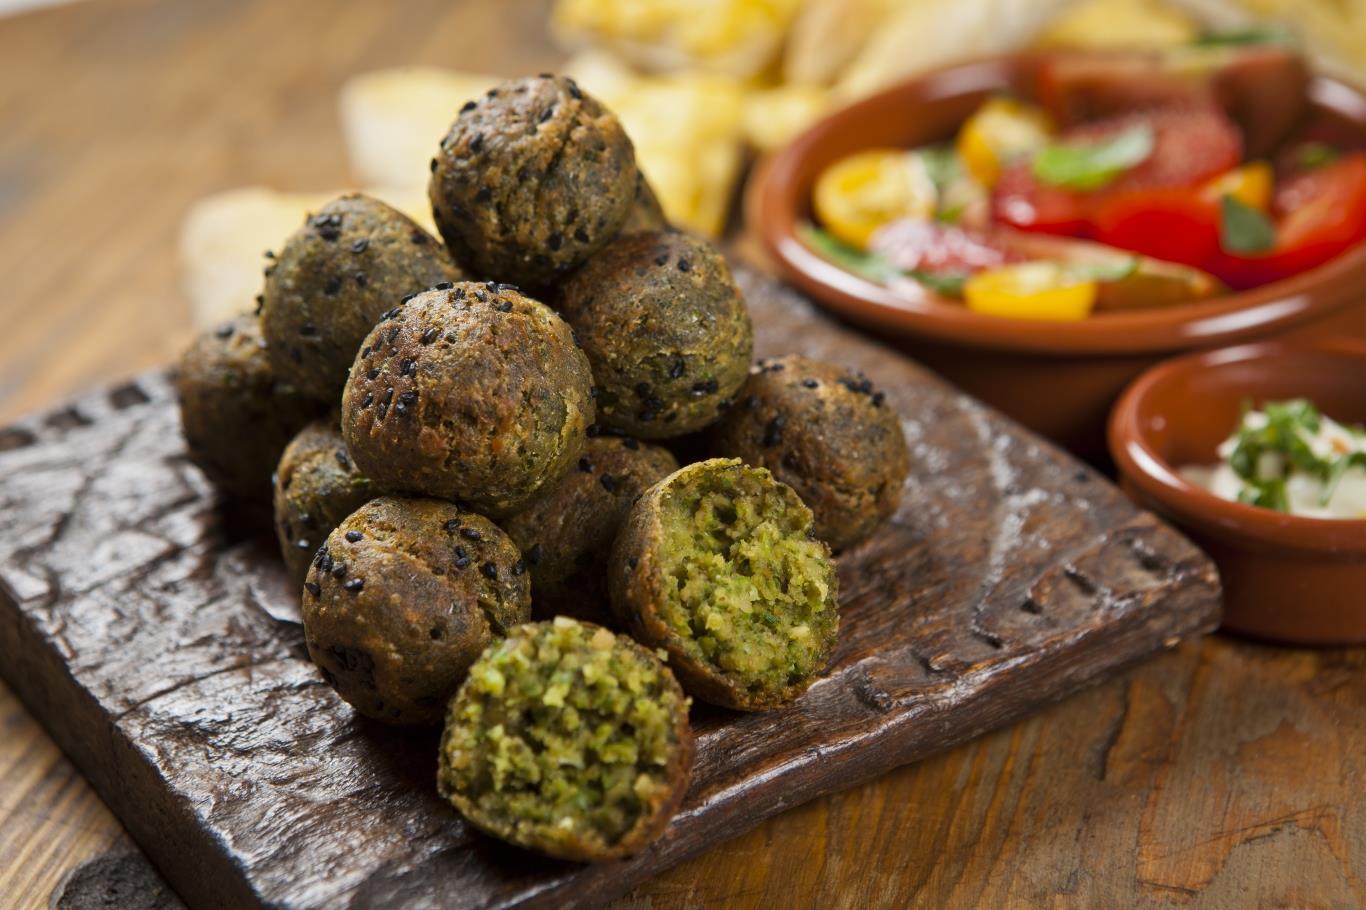 Được coi là quốc thực của Israel, có nguồn gốc từ Ai Cập cổ, món ăn này gồm đậu hồi hay đậu fava bọc bột và rán giòn. Falafel thường được ăn cùng salad, nước sốt hoặc sốt Tahini.